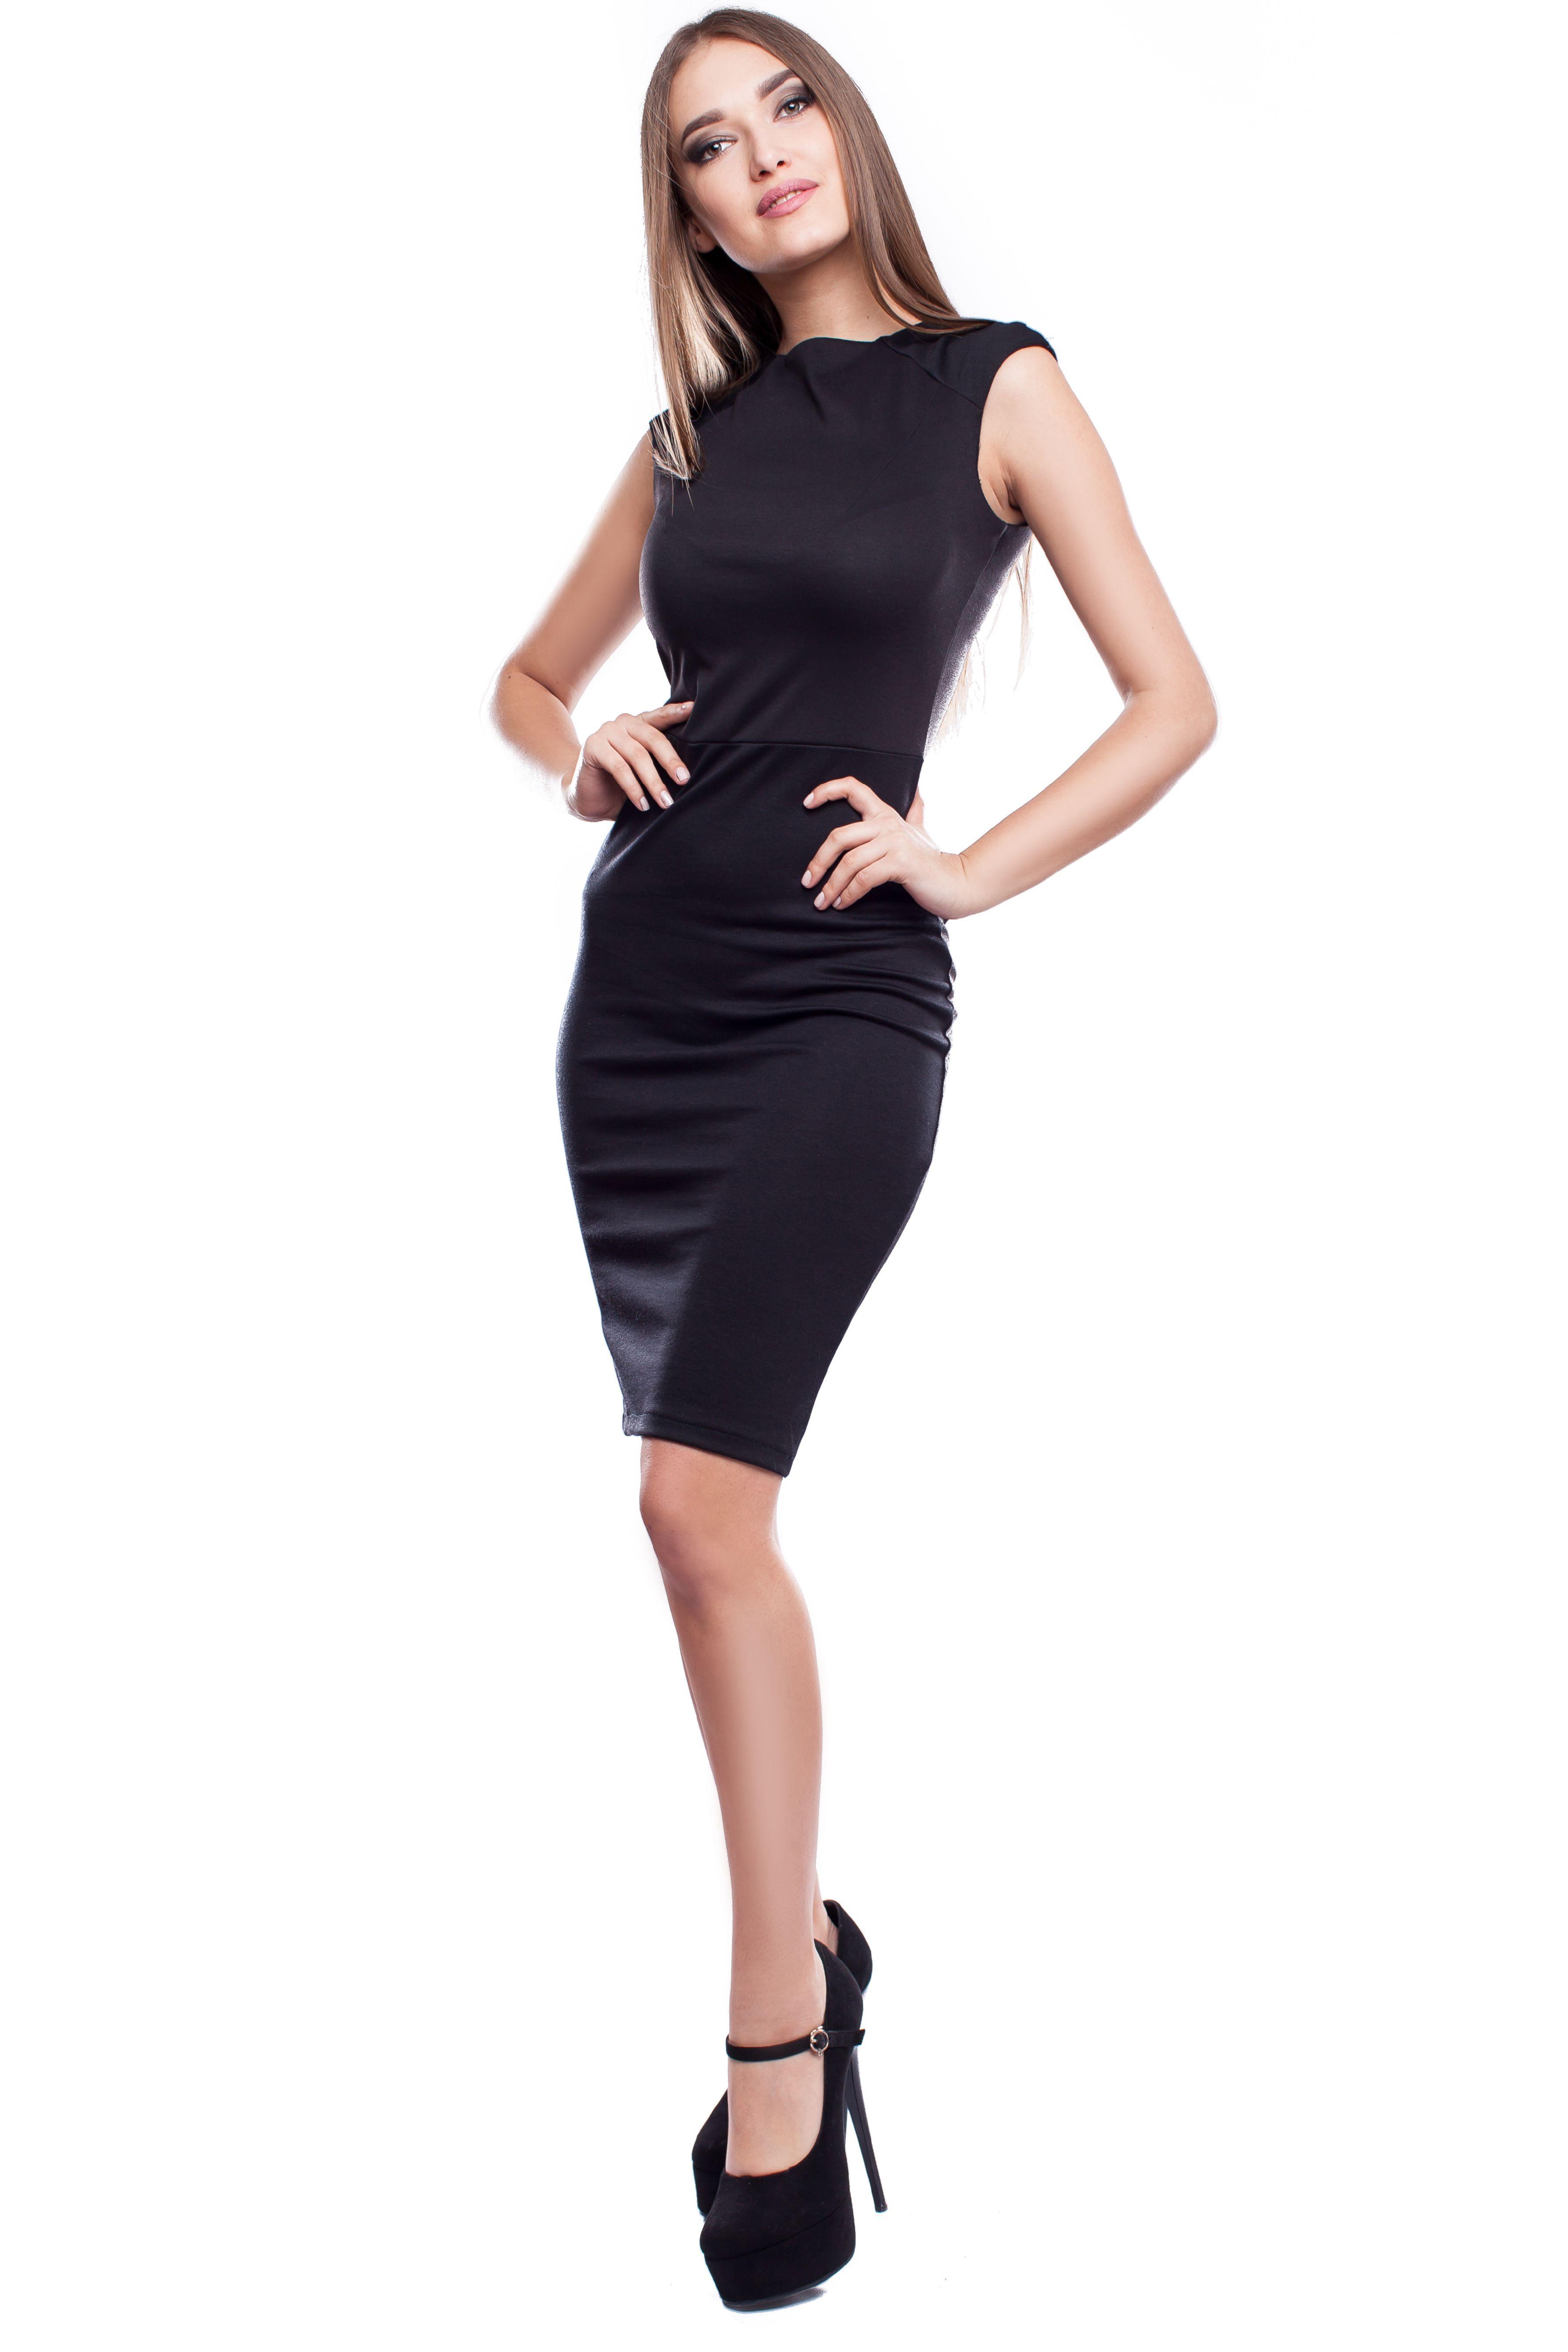 Классическое маленькое черное платье Дина от Karree   женскаяодеждамоднакраина Размеры  S Цена  366 5a741e980df